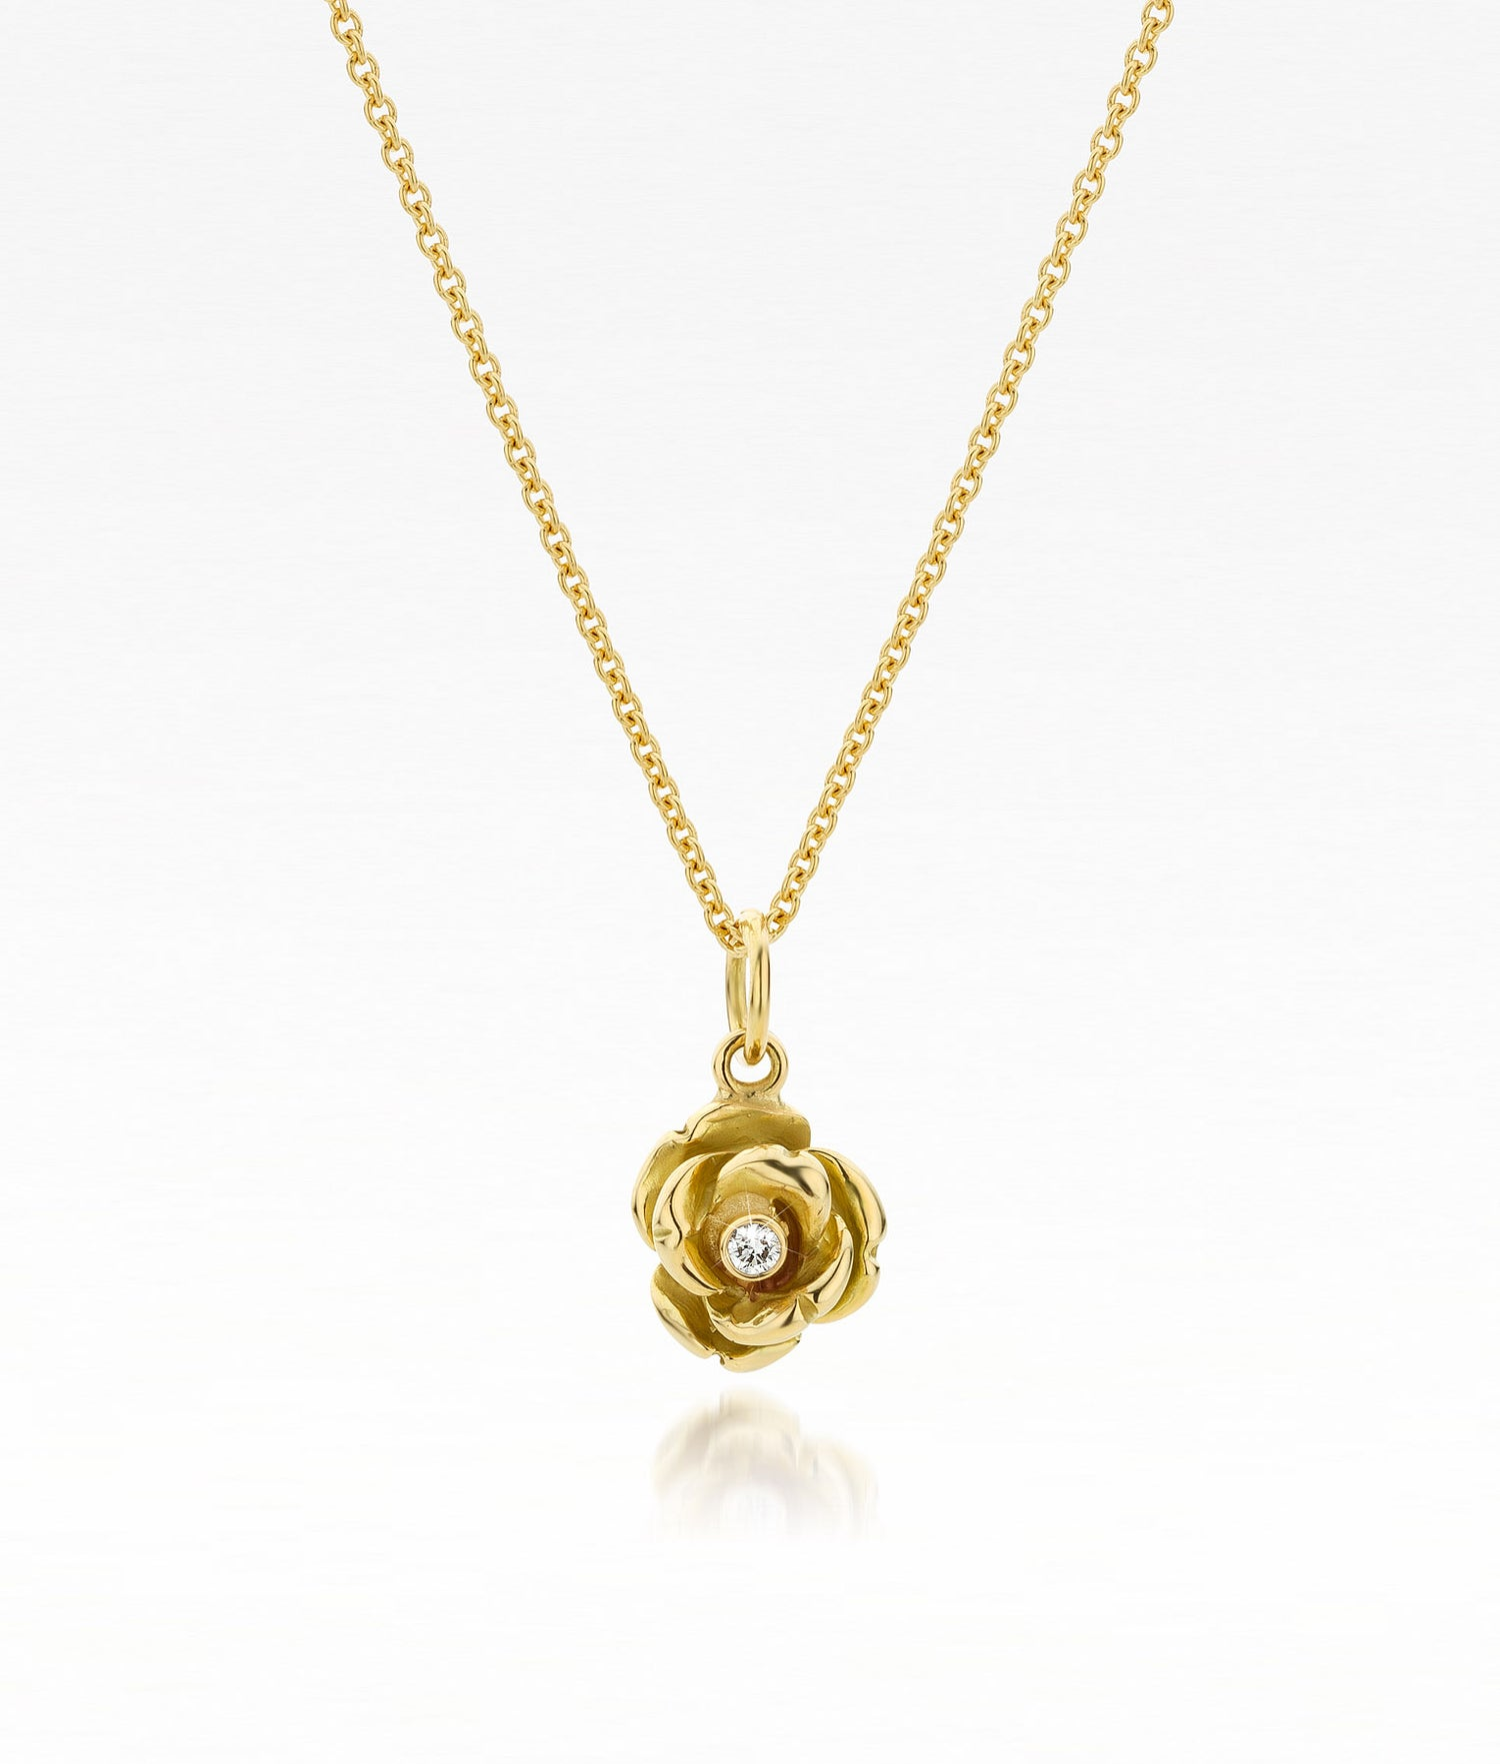 Image of roosje in goud en diamant - golden pendant 'queen of roses' with diamond